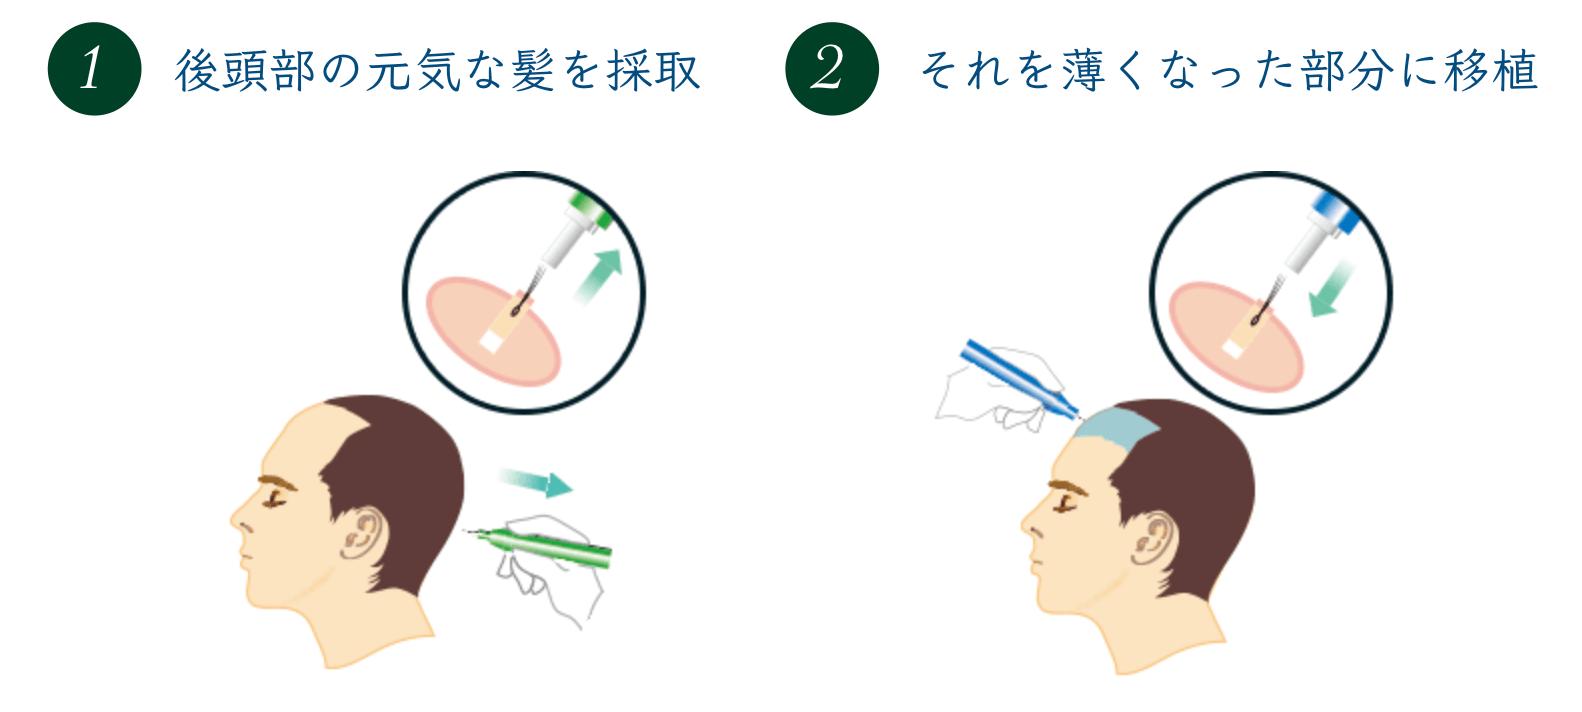 植毛治療のイメージ